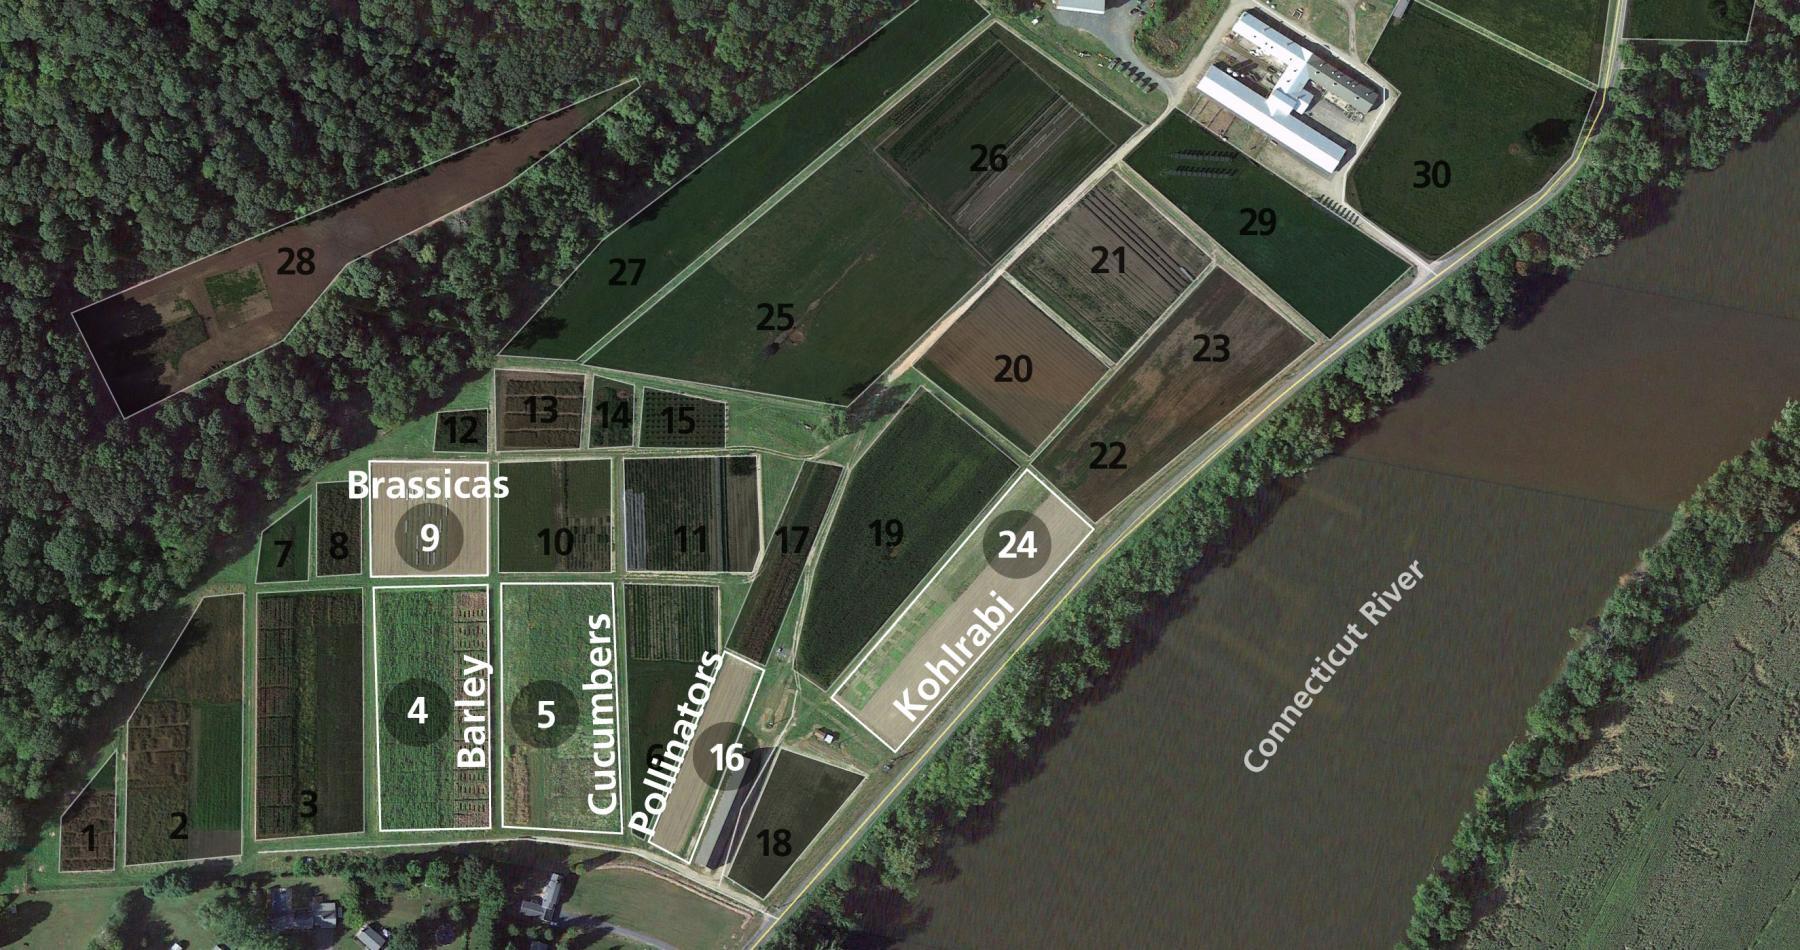 South Deerfield UMass tesearch plots